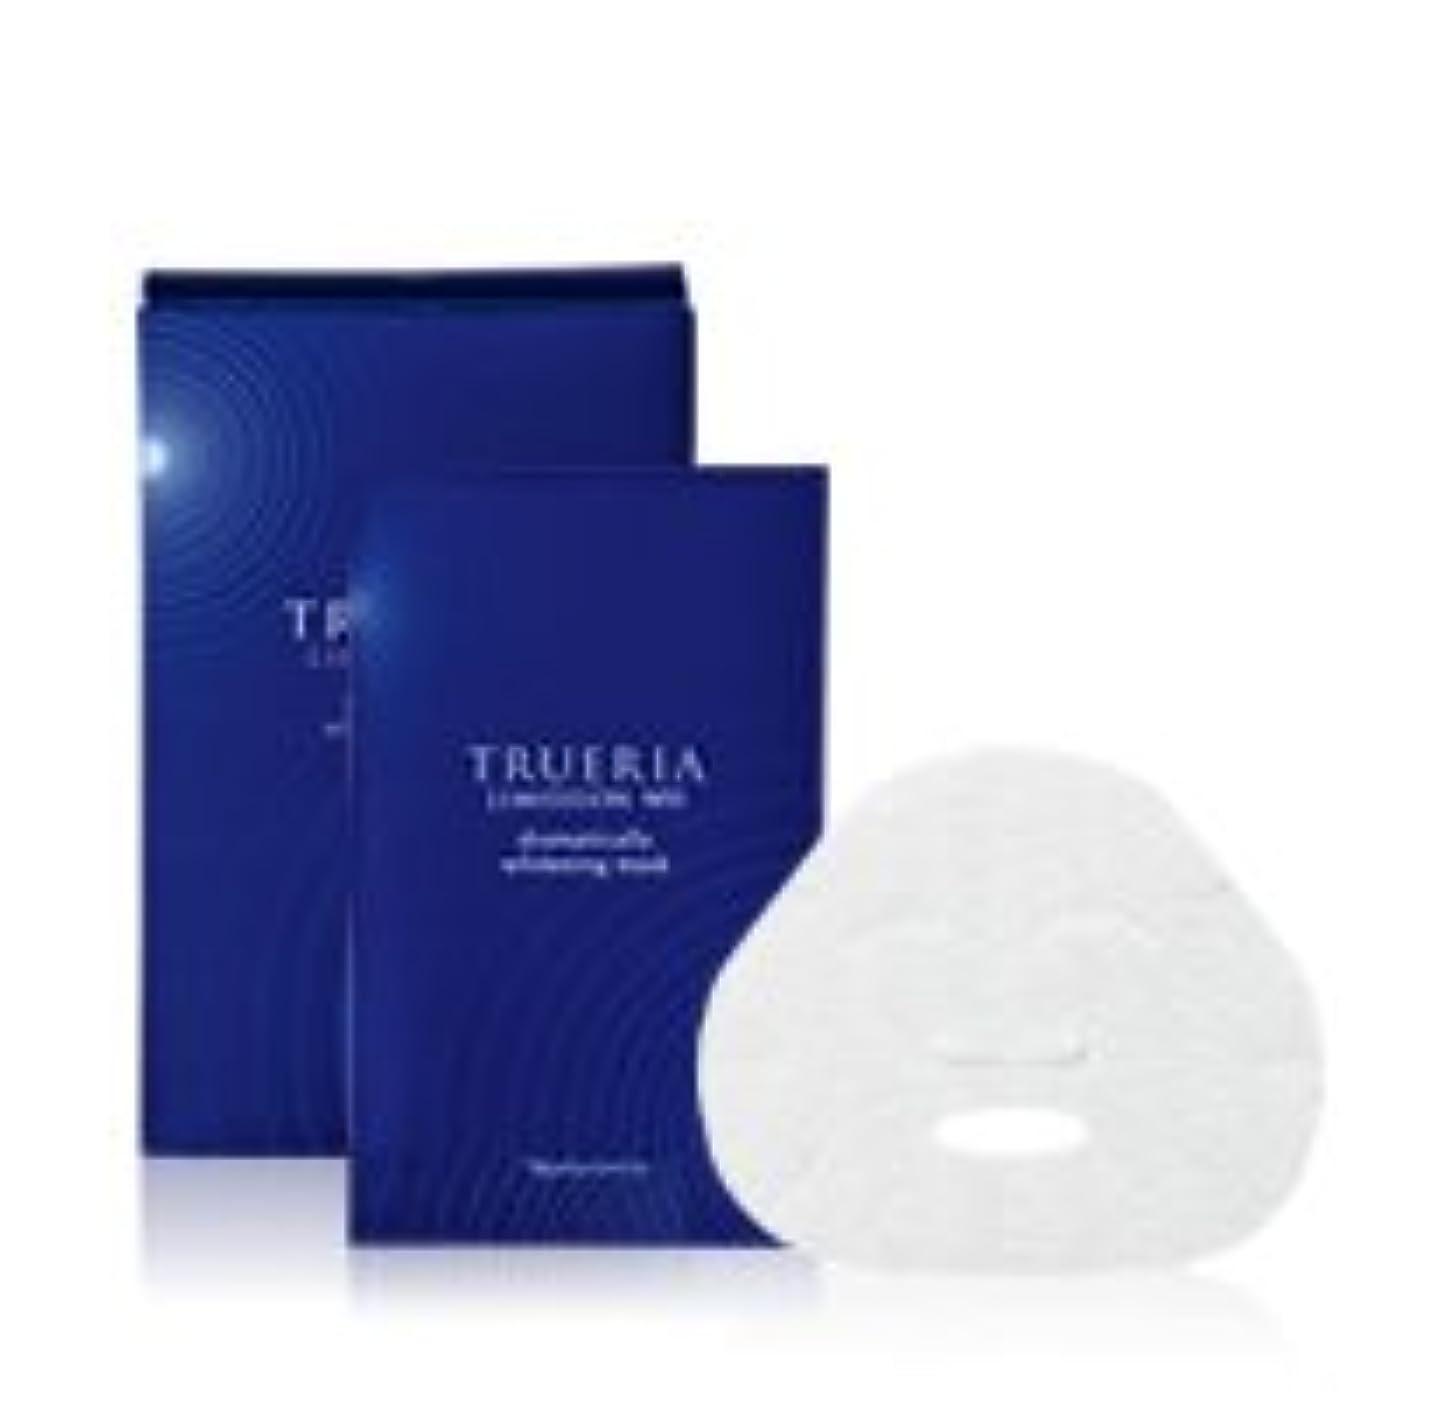 真っ逆さま発揮する普及ナリス化粧品 トゥルーリア リミッション WH ドラマティカリーホワイトニングマスク 22ml 8枚